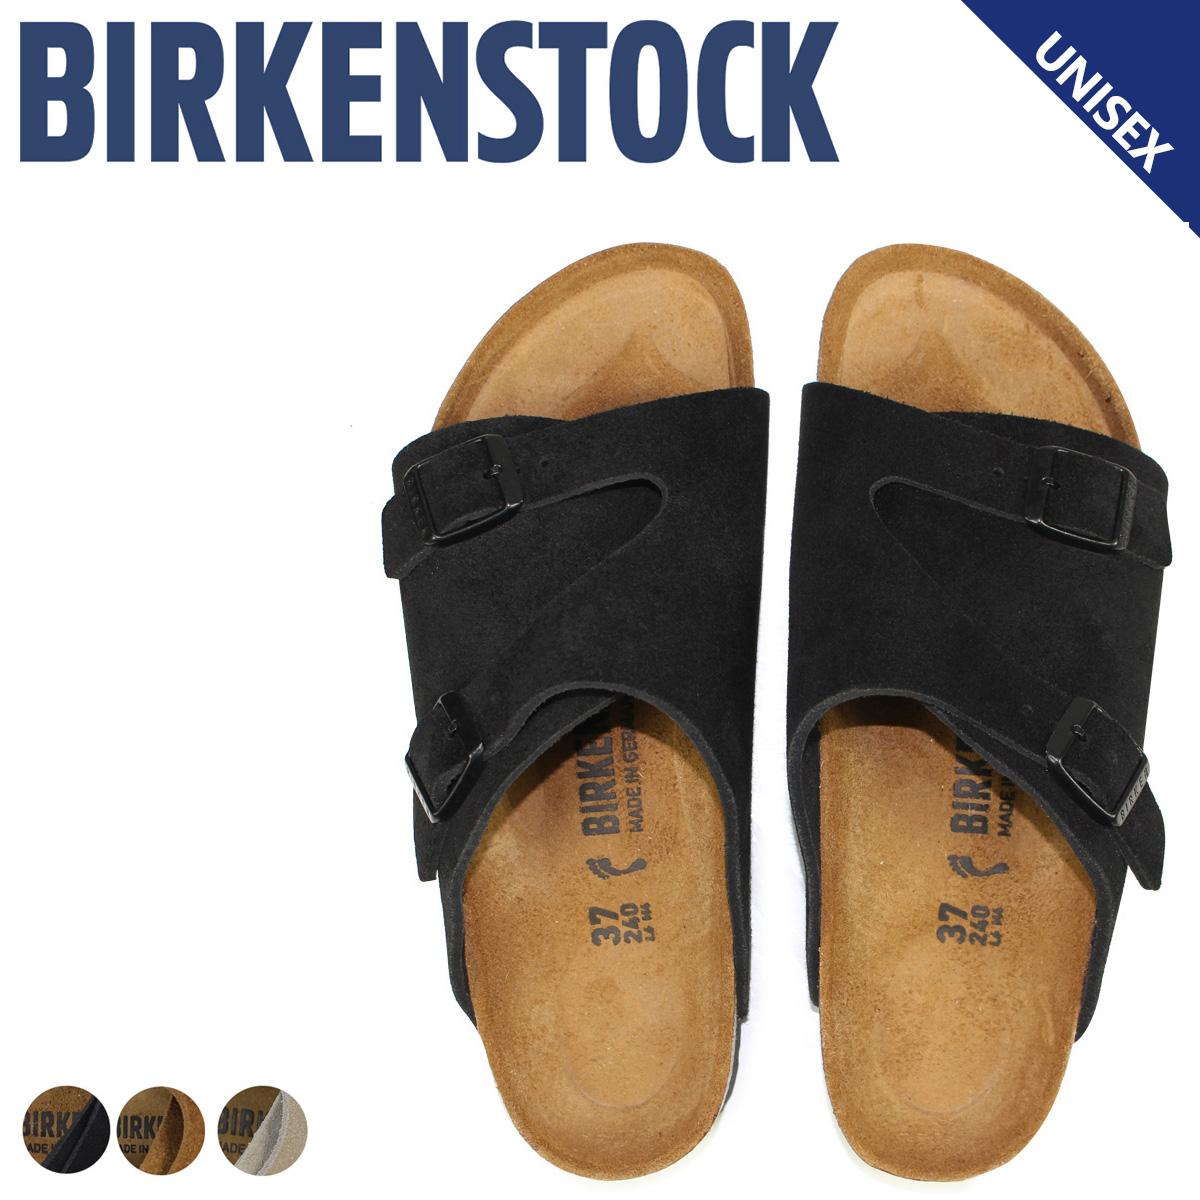 BIRKENSTOCK チューリッヒ メンズ レディース ビルケンシュトック ZURICH ビルケン サンダル 細幅